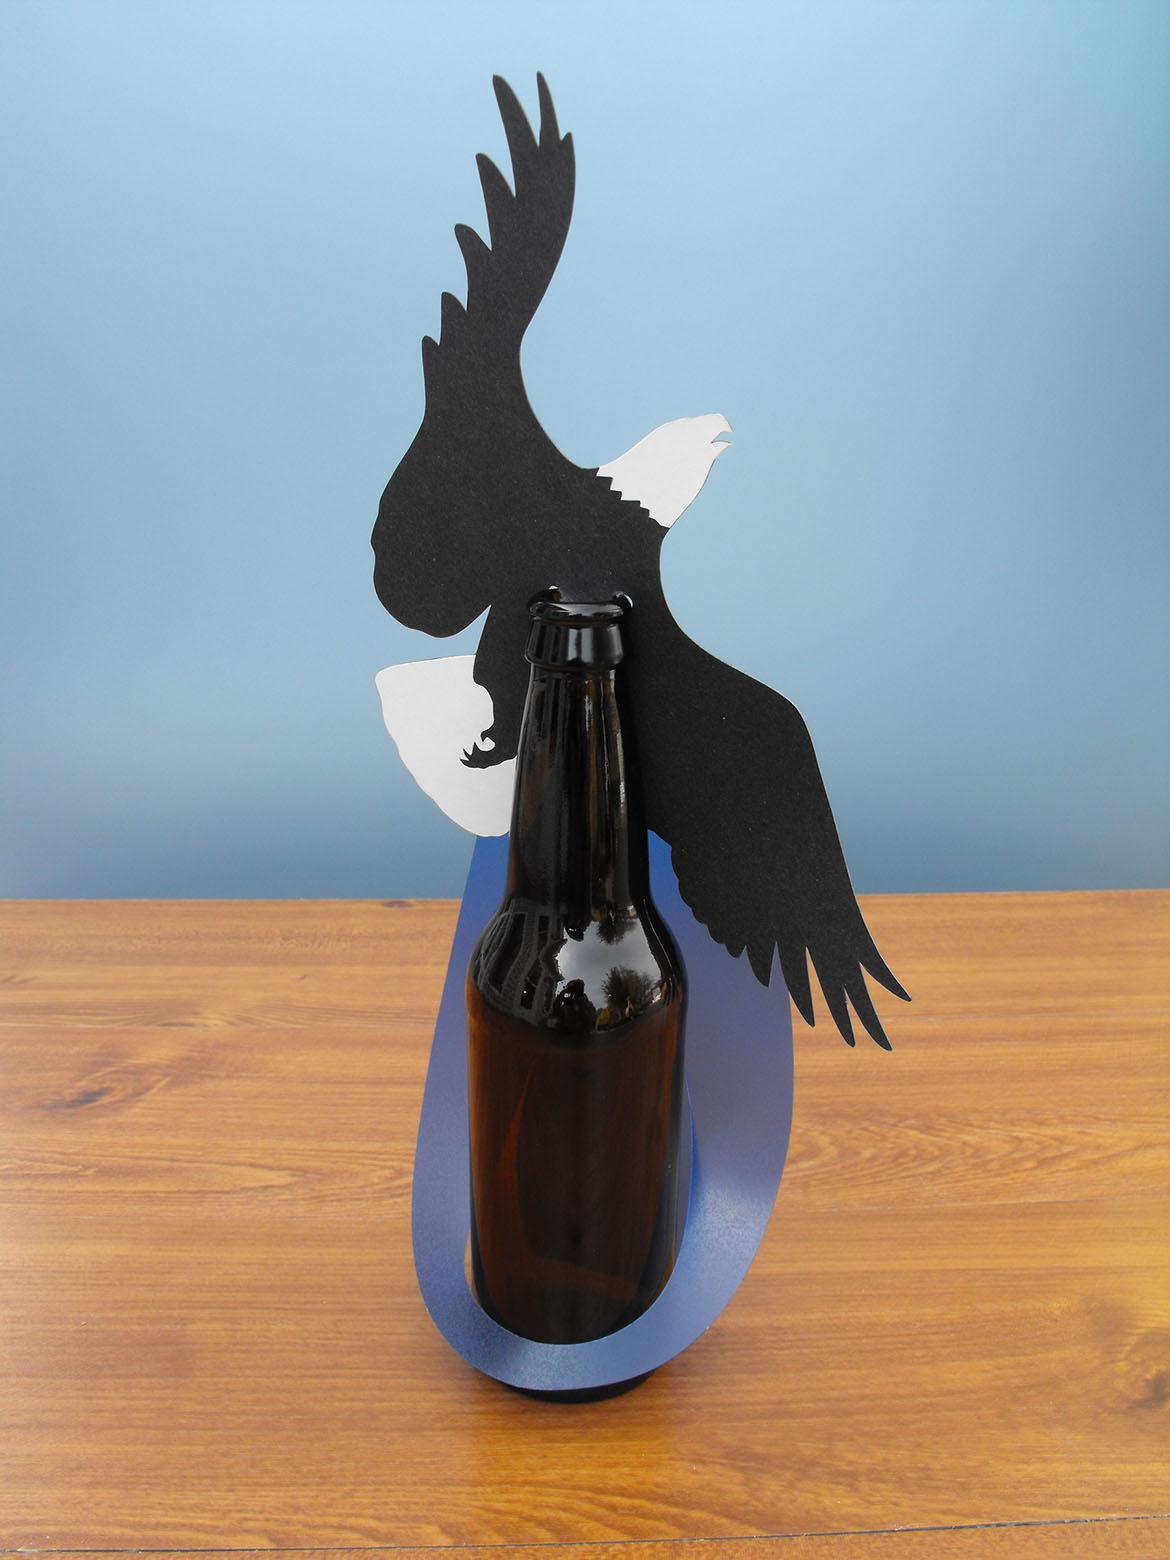 alaskan brewing company bottle wrap 1